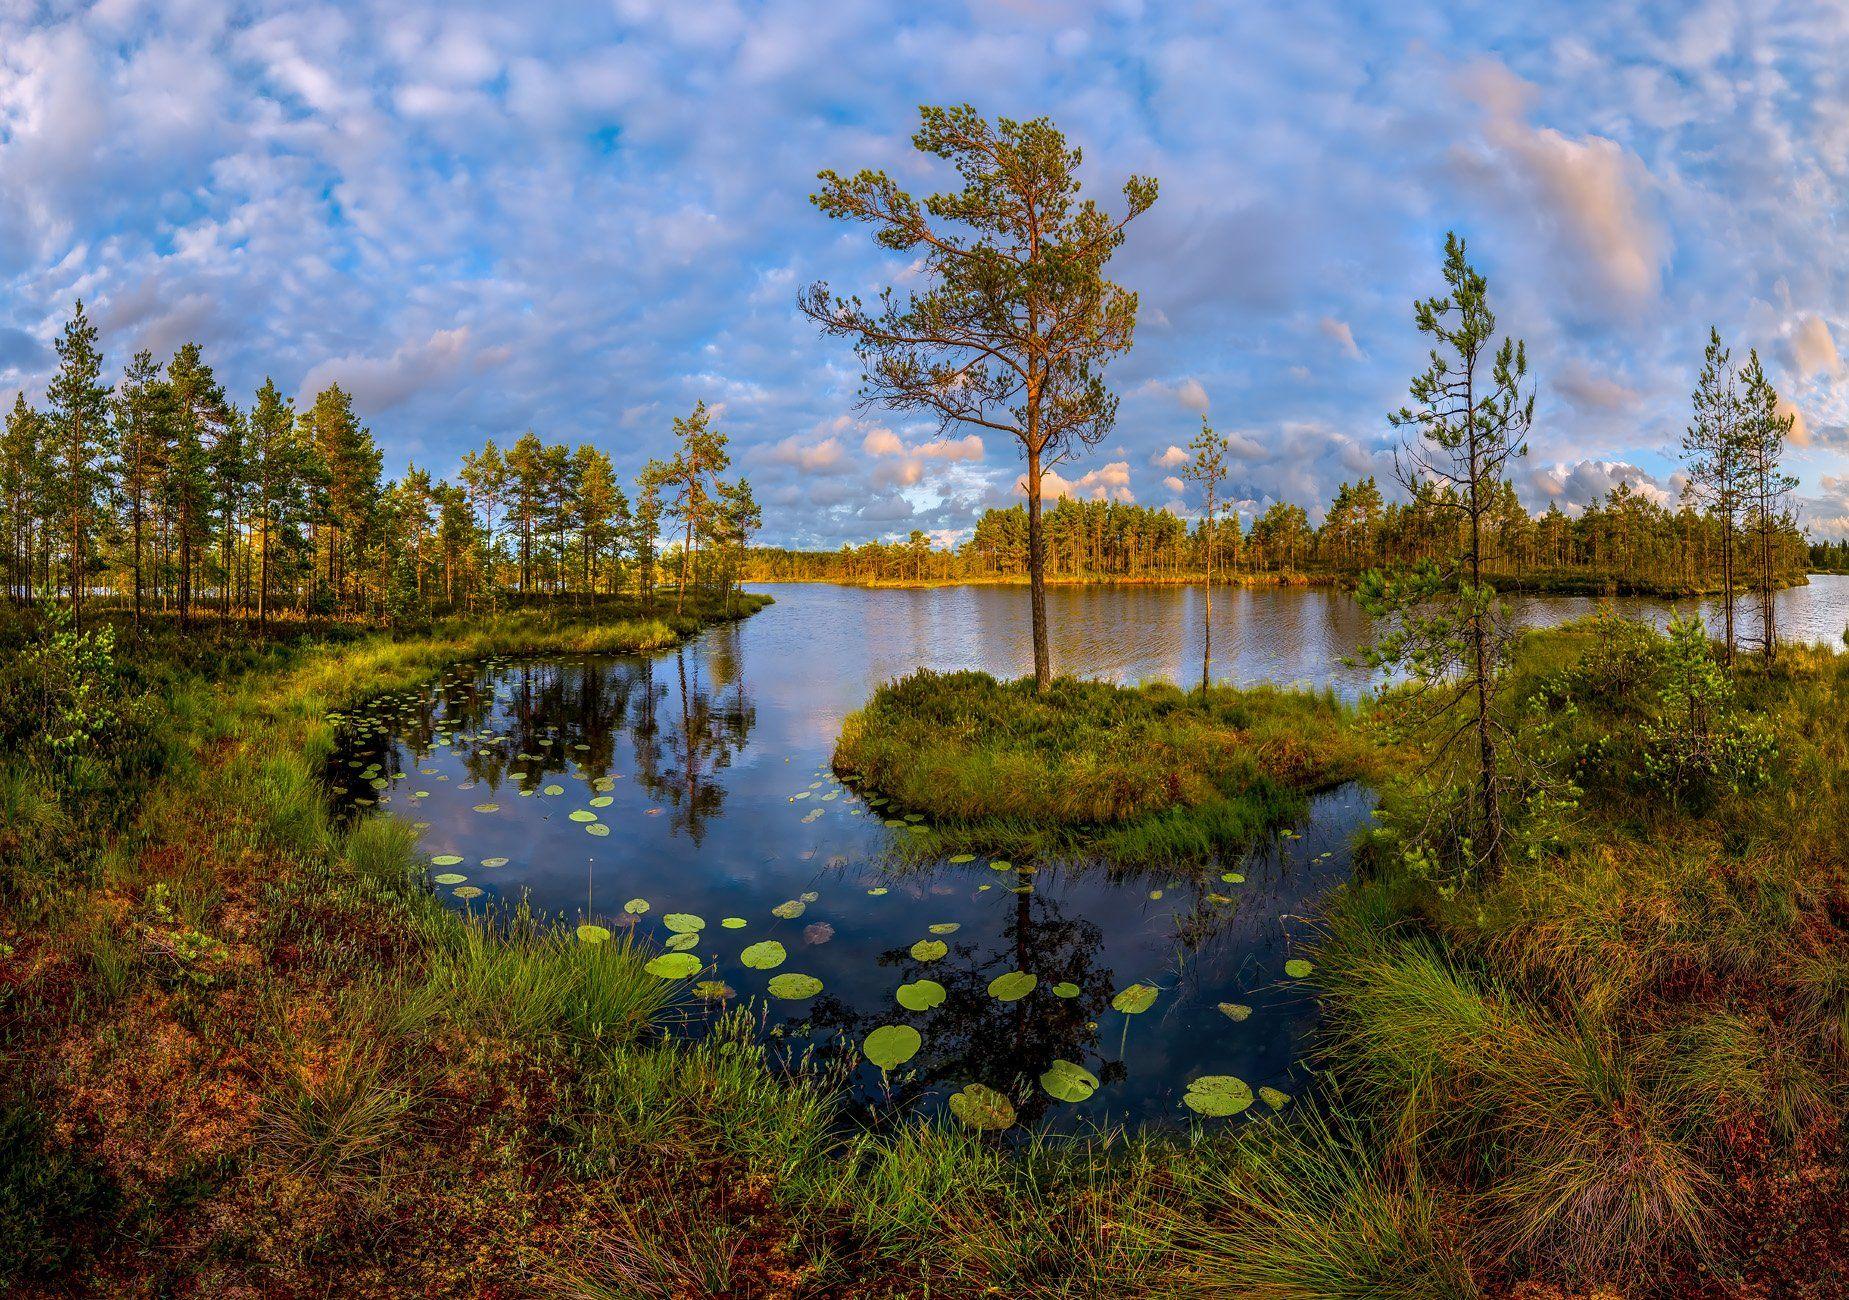 ленинградская область, болото, сосна, остров, озеро, закат, кувшинки, отражение, облака, мох., Лашков Фёдор